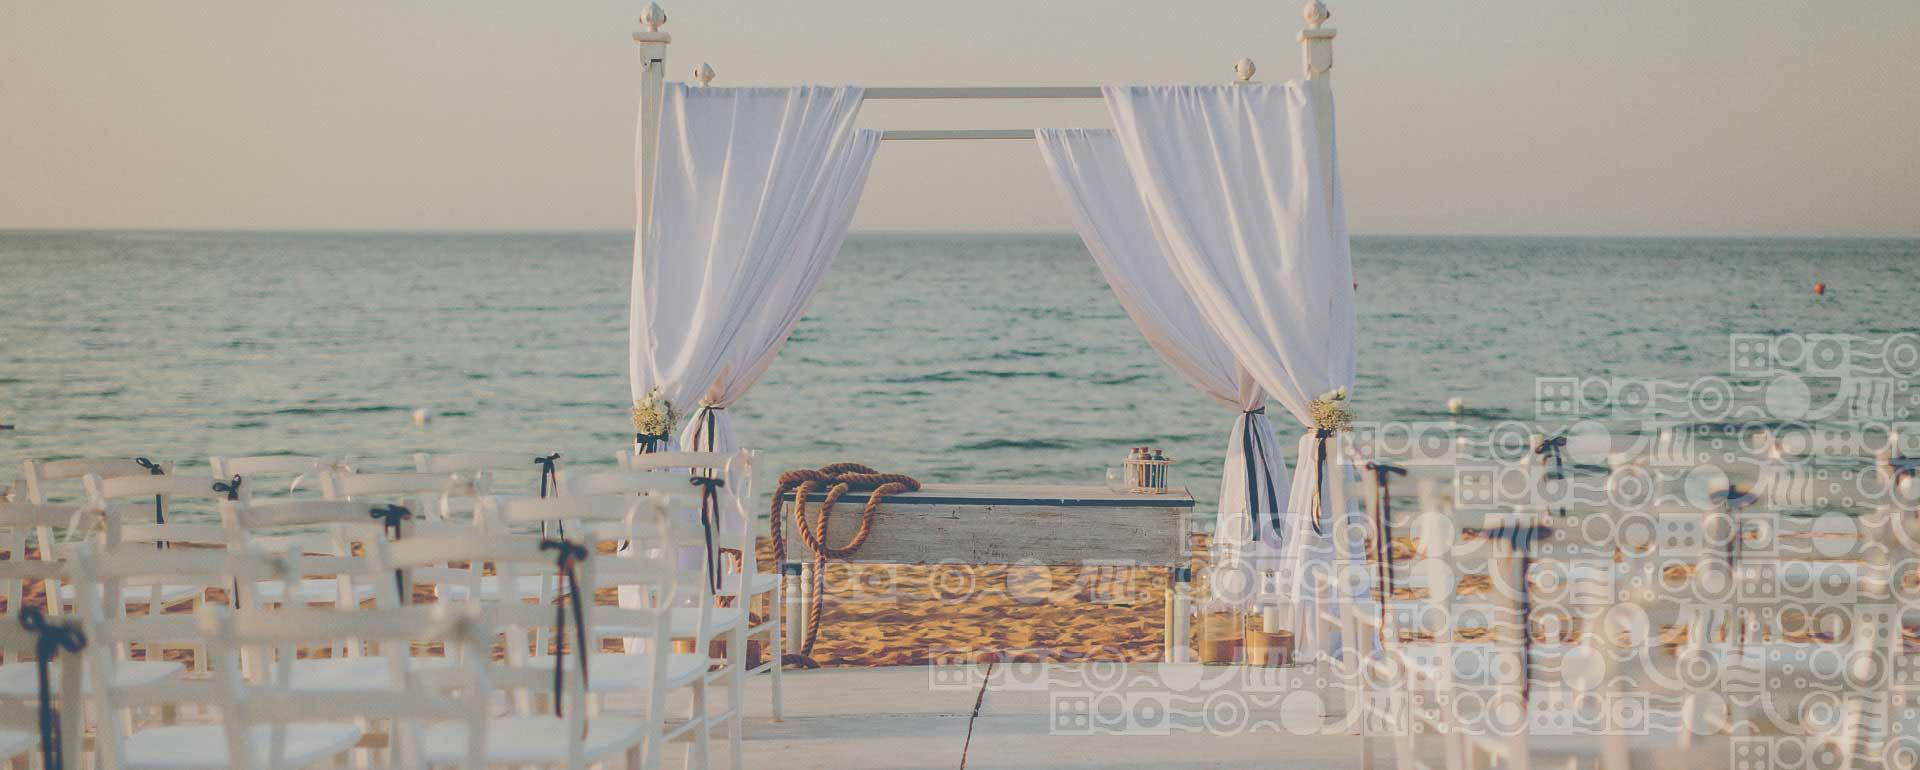 Matrimonio Spiaggia Puglia : Matrimonio sulla spiaggia in puglia lido sabbiadoro